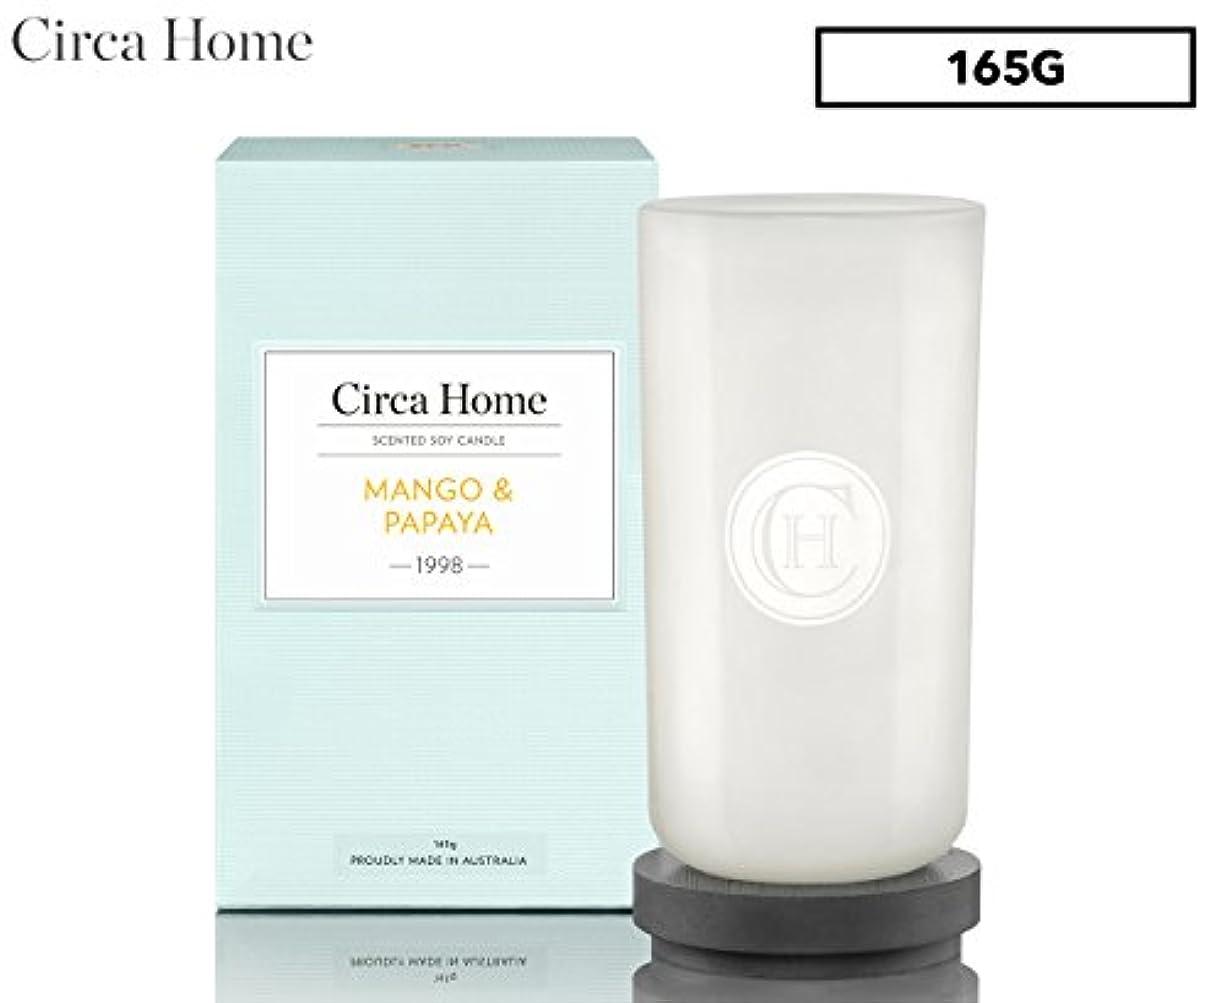 ちらつき少なくともケーキCirca Home キャンドル(165g) 1998 MANGO & PAPAYA